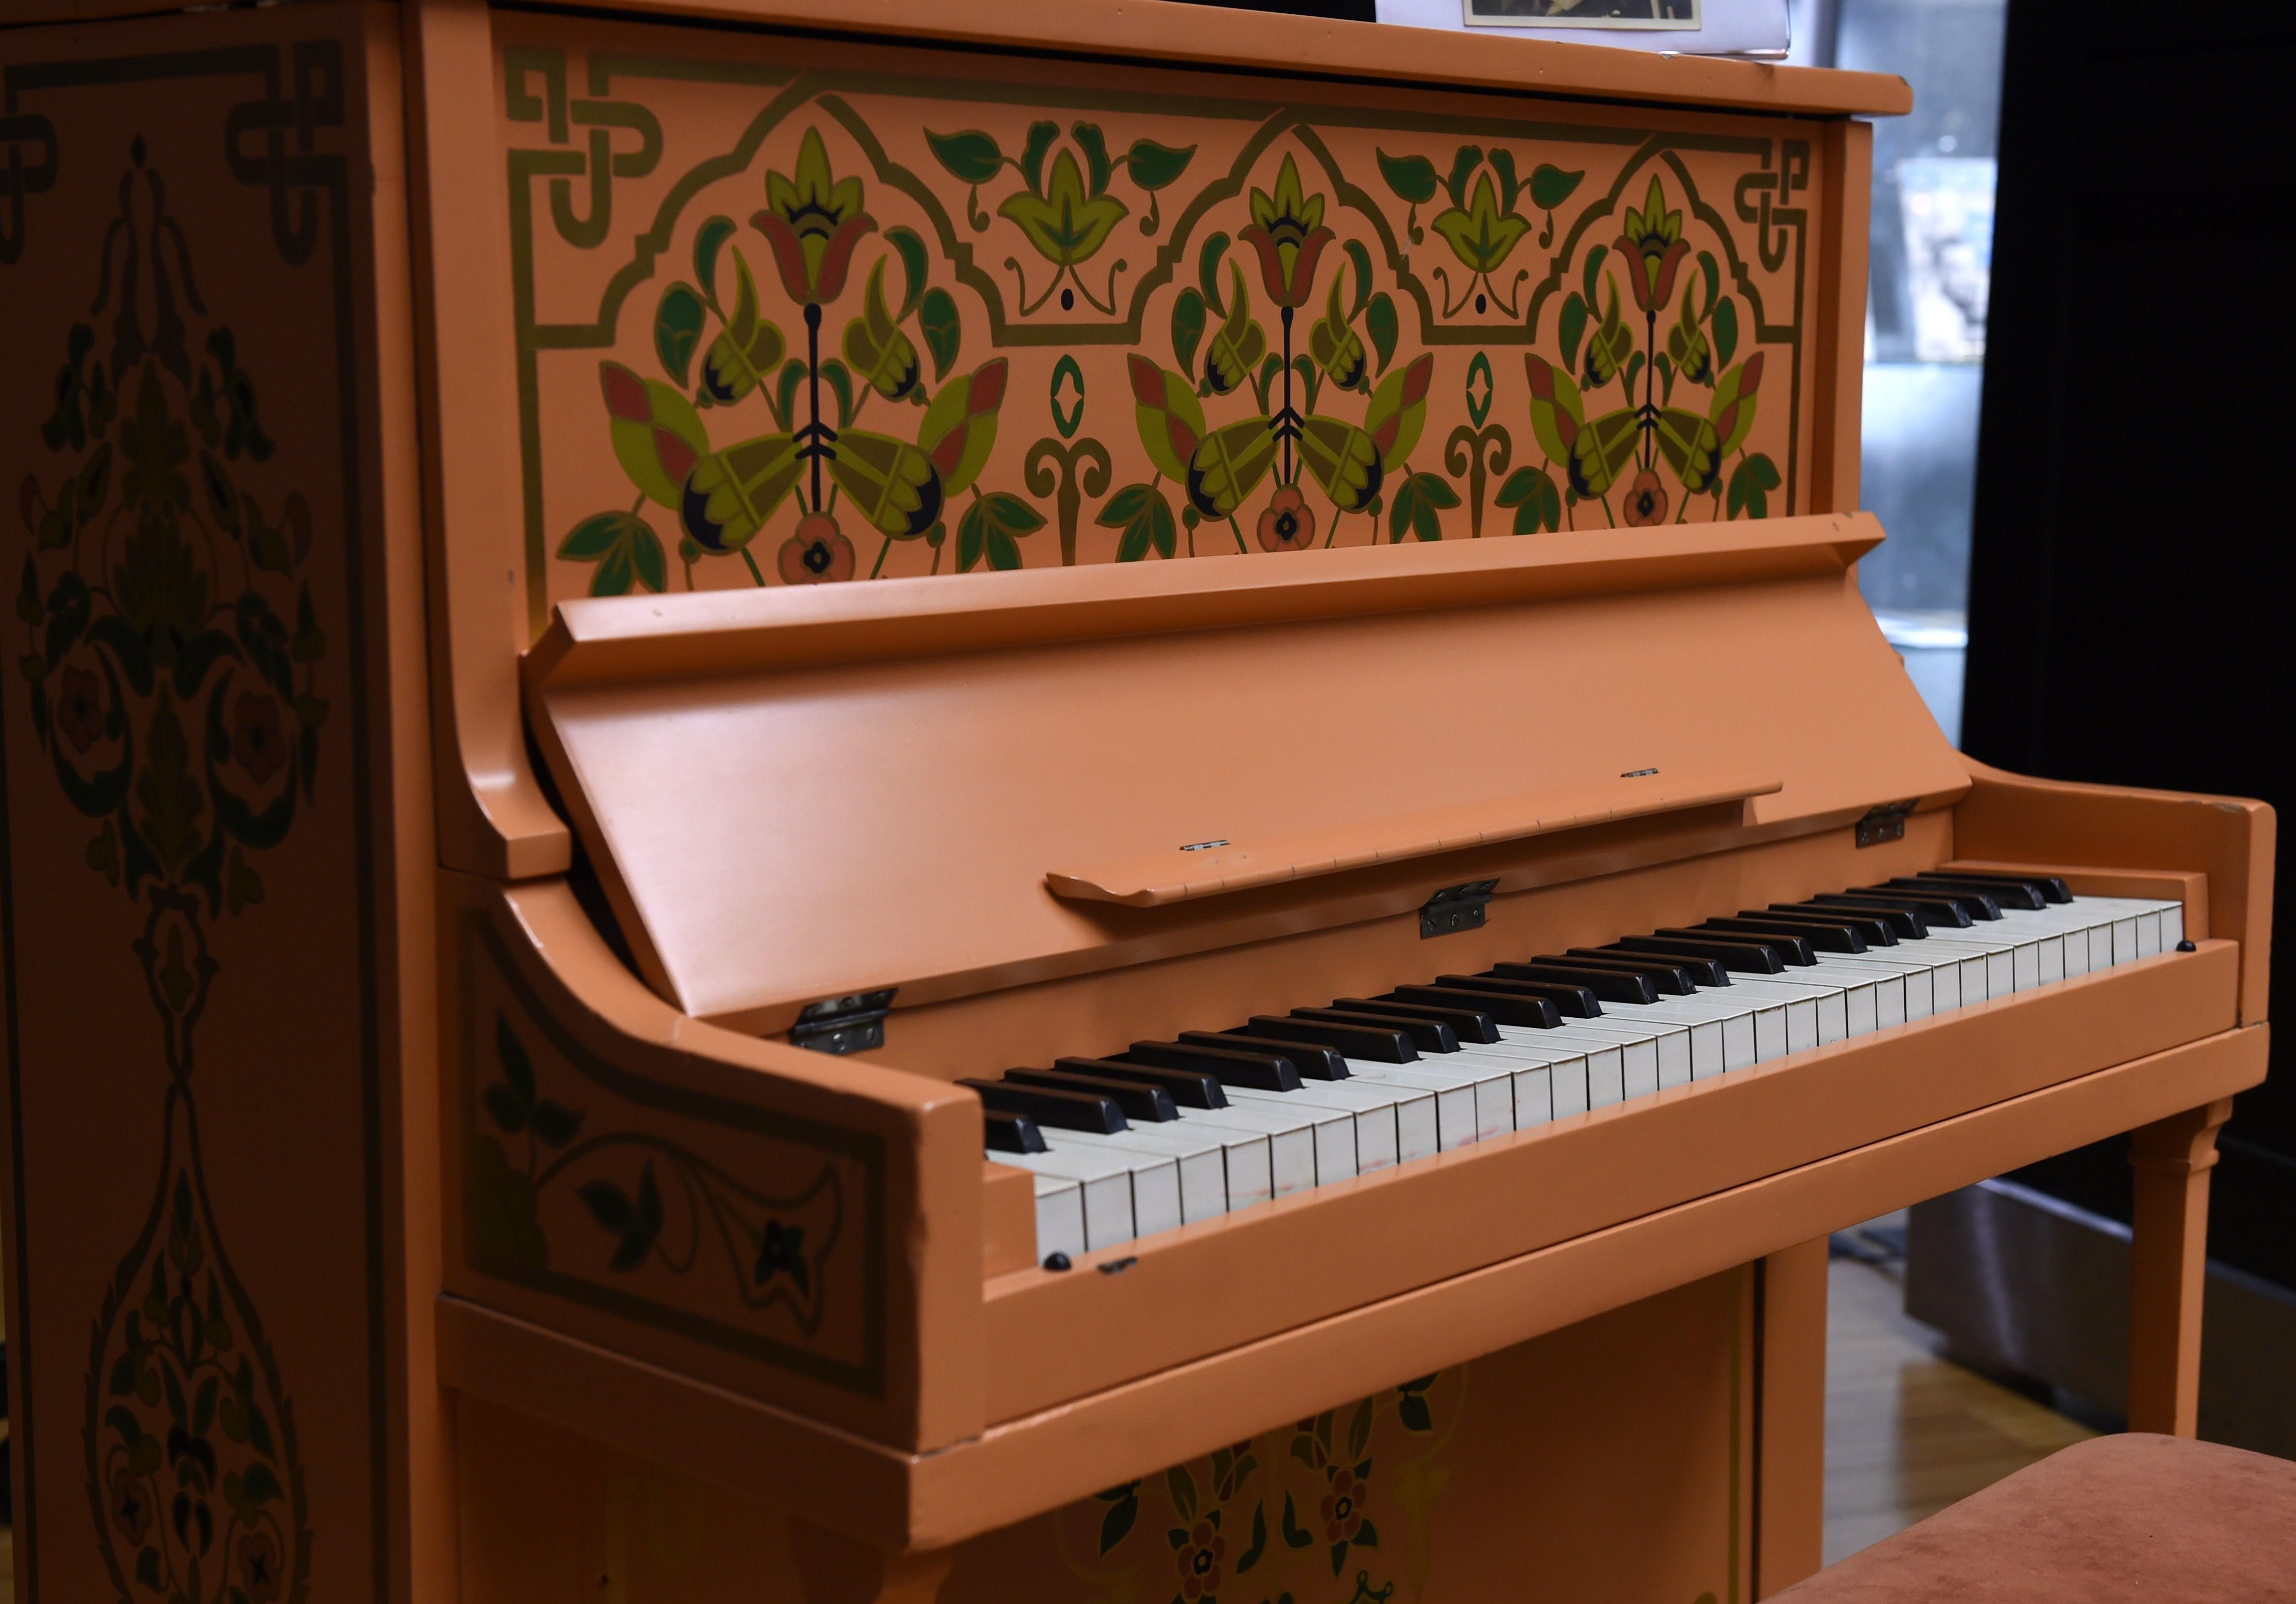 US-BONHAMS-CASABLANCA PIANO